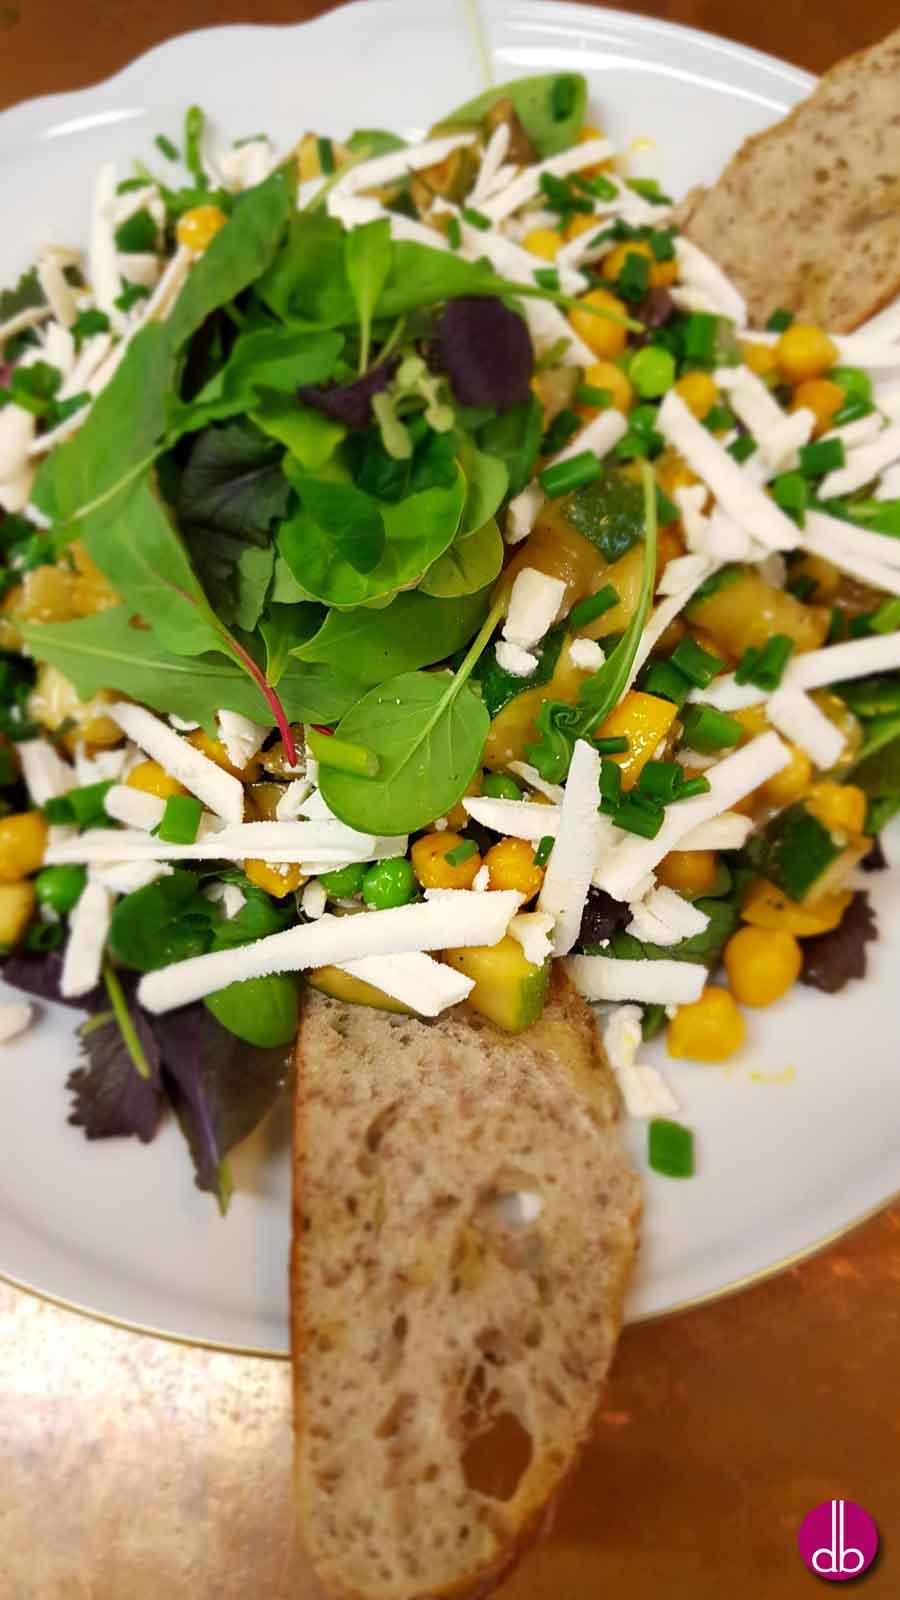 Rezept: Zucchini-Erbsen-Salat mit Ricotta Salata & Zitronendressing